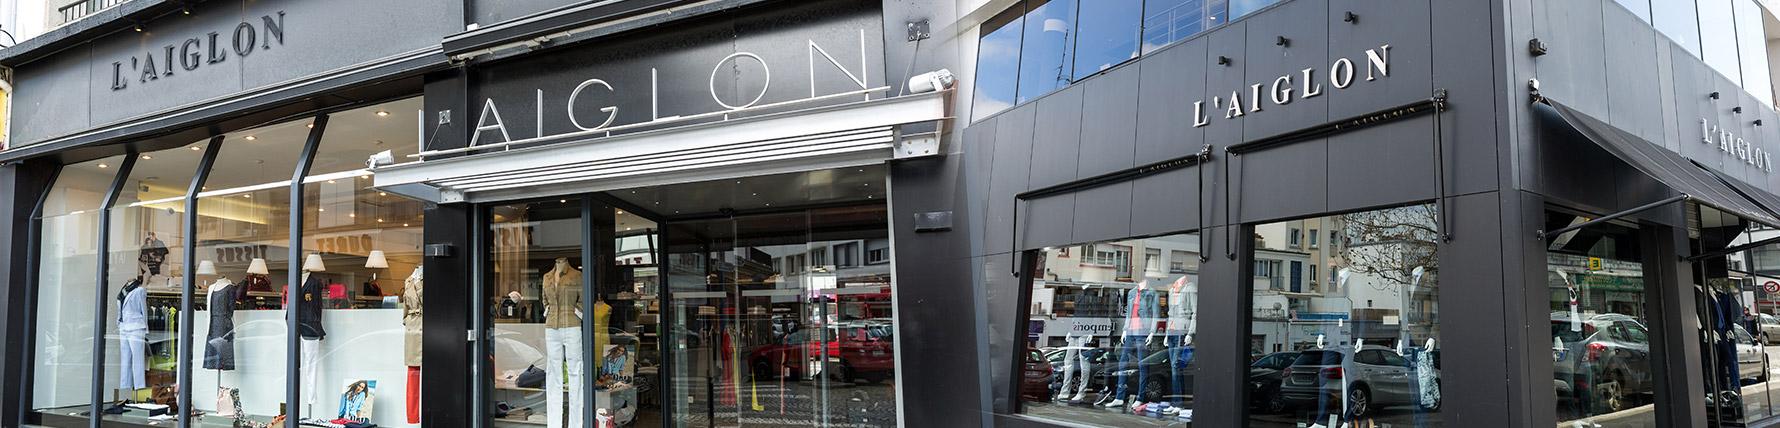 catch 2018 shoes latest design Lorient - L'Aiglon - Prêt-à-porter haut de gamme Homme et Femme